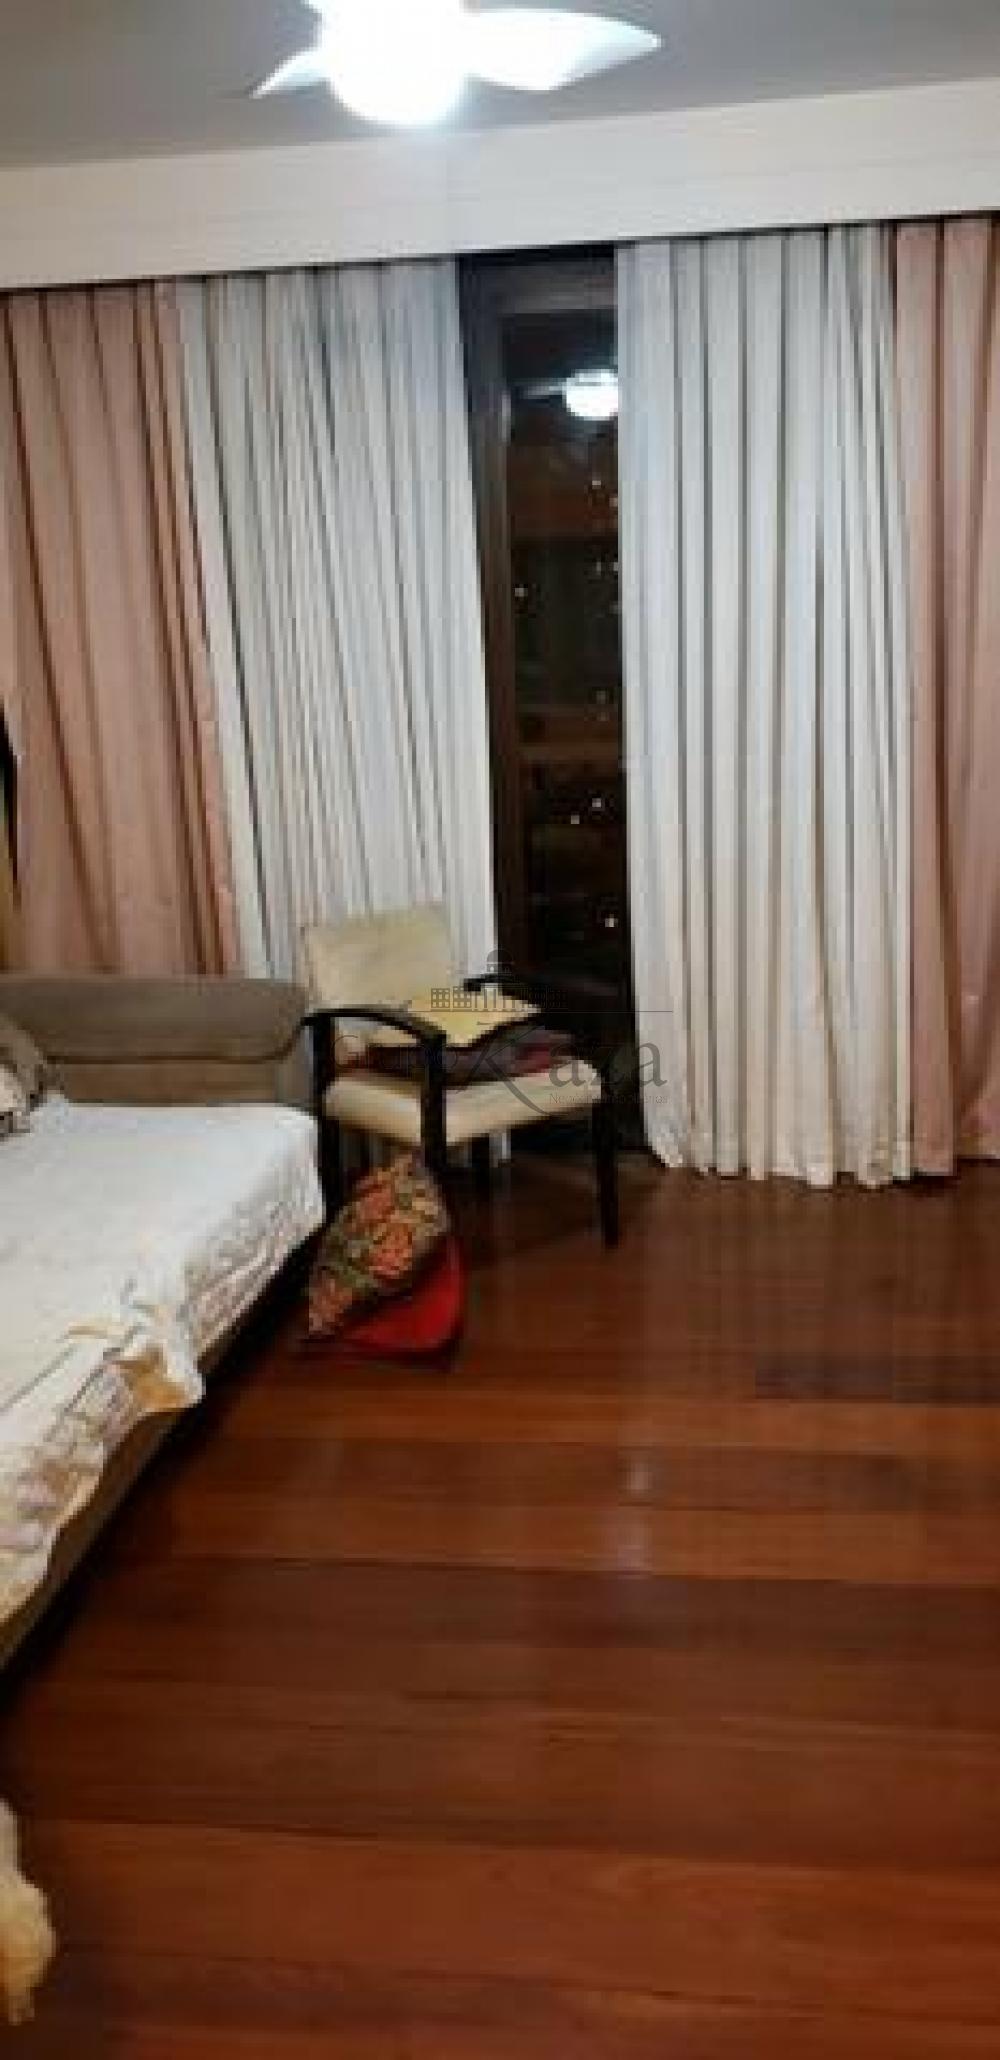 alt='Comprar Apartamento / Padrão em São José dos Campos R$ 530.000,00 - Foto 14' title='Comprar Apartamento / Padrão em São José dos Campos R$ 530.000,00 - Foto 14'